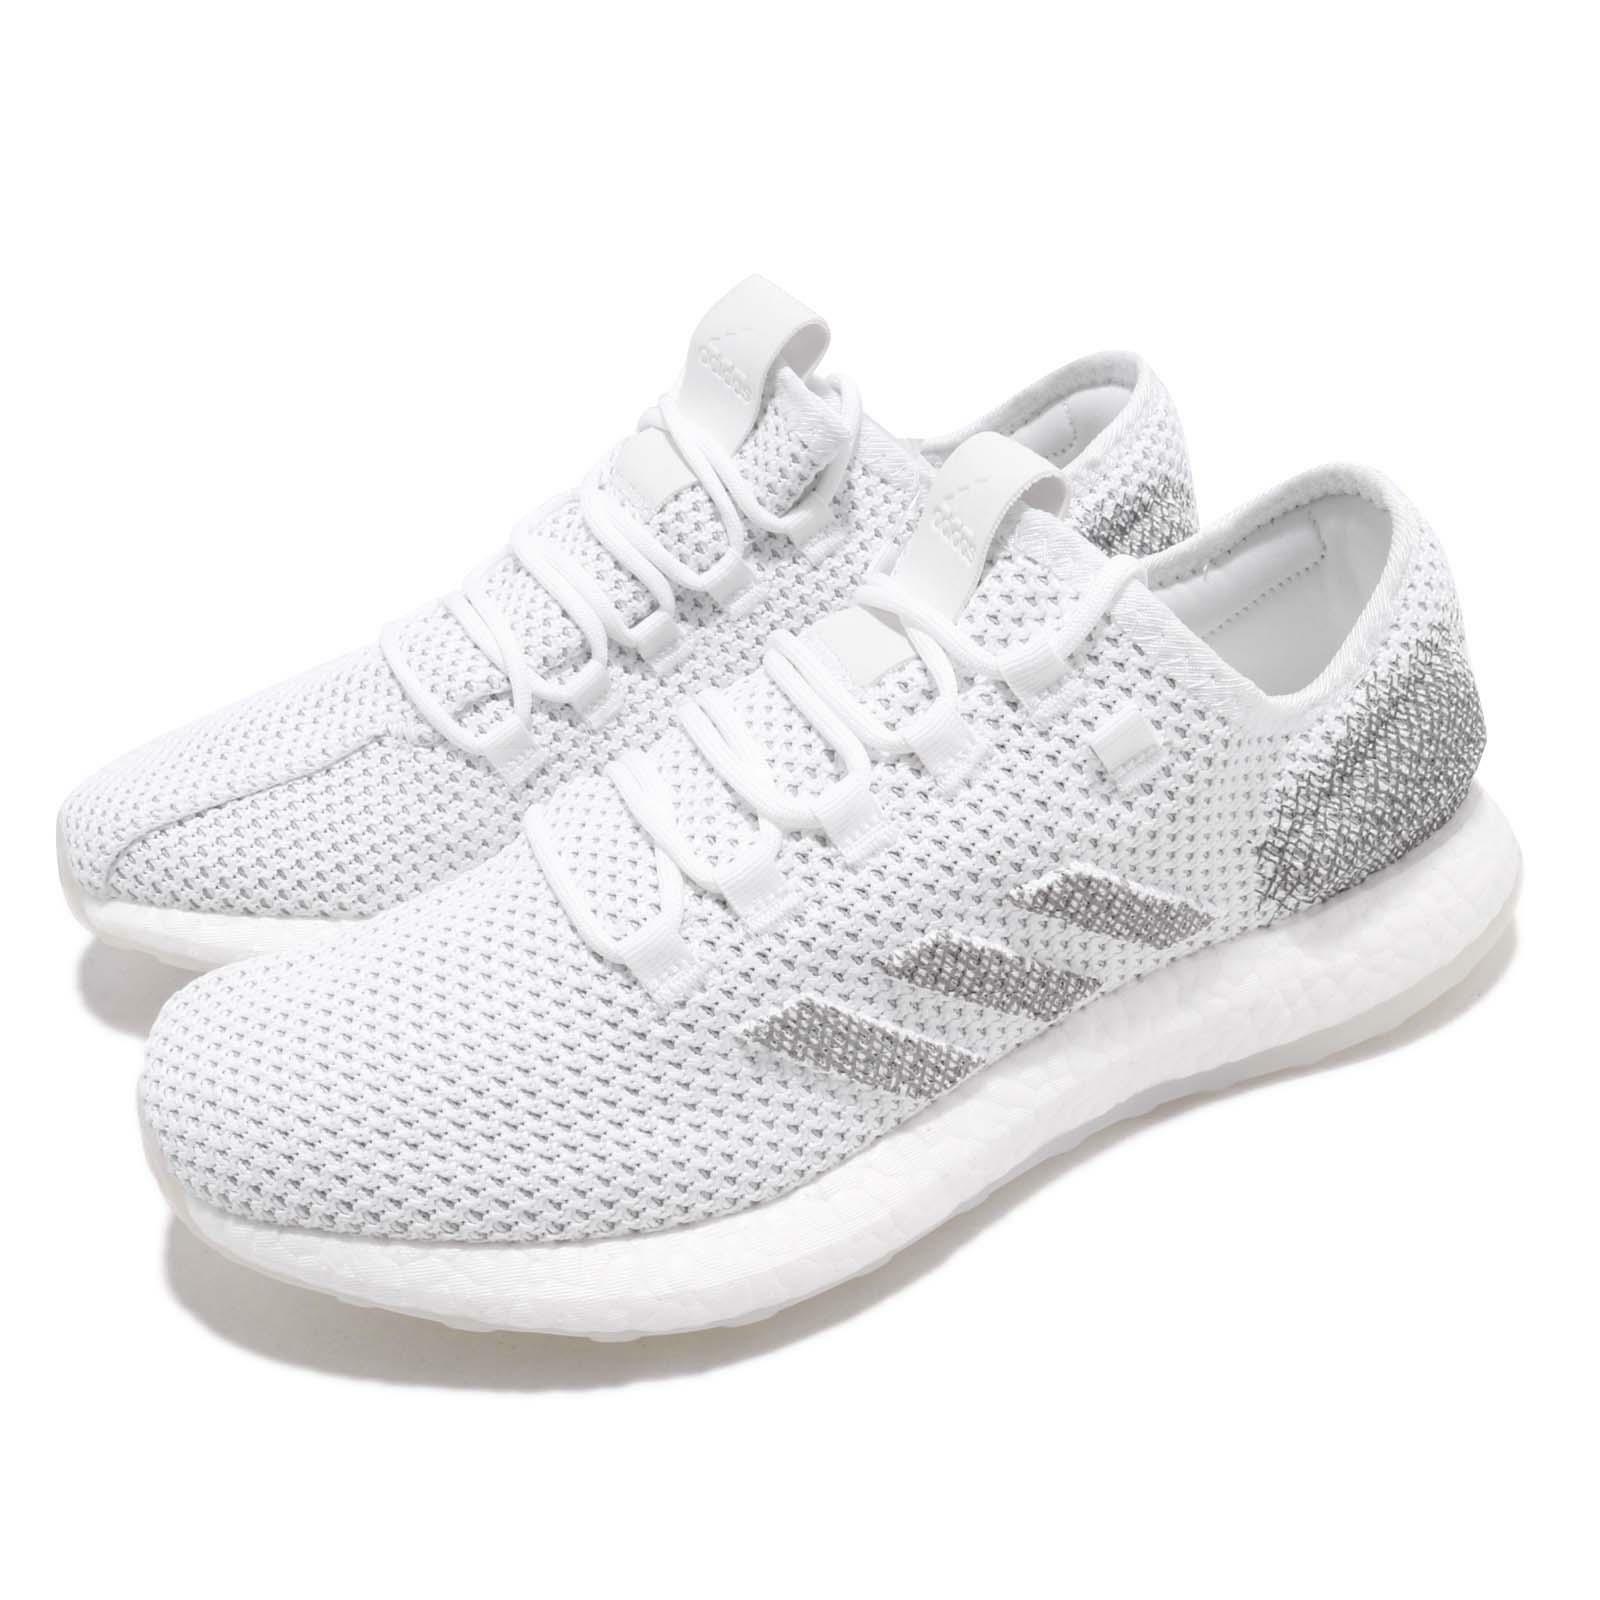 Adidas PureBooST Clima CC Weiß grau Sie daSie Laufen schuhe Turnschuhe G27832